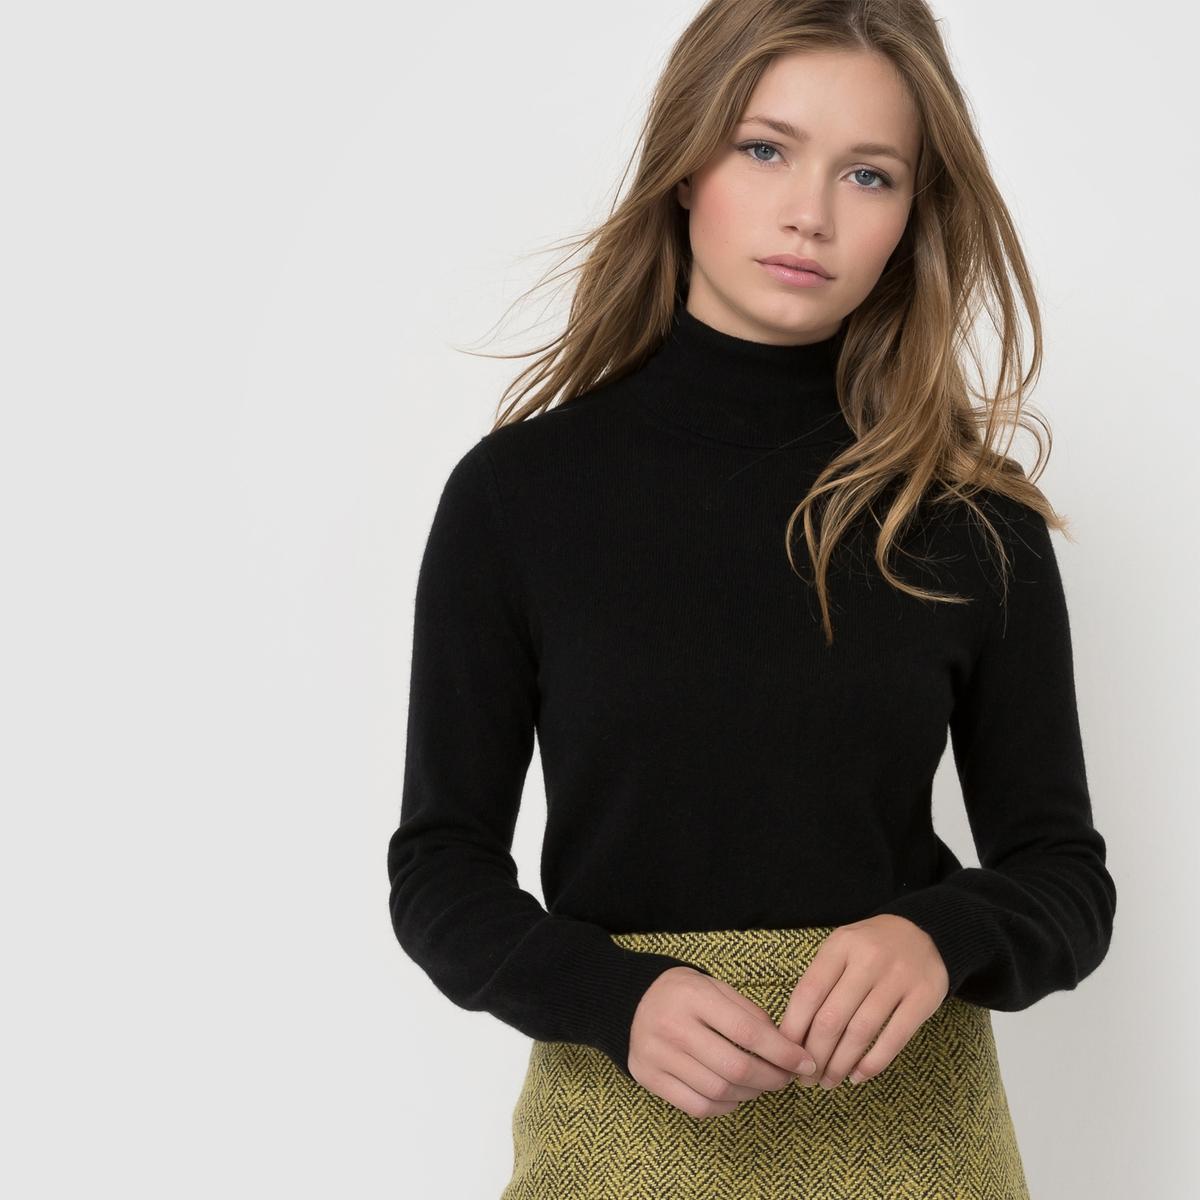 Пуловер с высоким воротником, 100% кашемираПуловер с высоким воротником и длинными рукавами. Края рукавов и низа связаны в рубчик. Джерси, 100% кашемира. Длина 64 см.<br><br>Цвет: серый меланж,темно-синий,черный<br>Размер: 42/44 (FR) - 48/50 (RUS).50/52 (FR) - 56/58 (RUS).38/40 (FR) - 44/46 (RUS).50/52 (FR) - 56/58 (RUS).34/36 (FR) - 40/42 (RUS).38/40 (FR) - 44/46 (RUS).42/44 (FR) - 48/50 (RUS).50/52 (FR) - 56/58 (RUS)